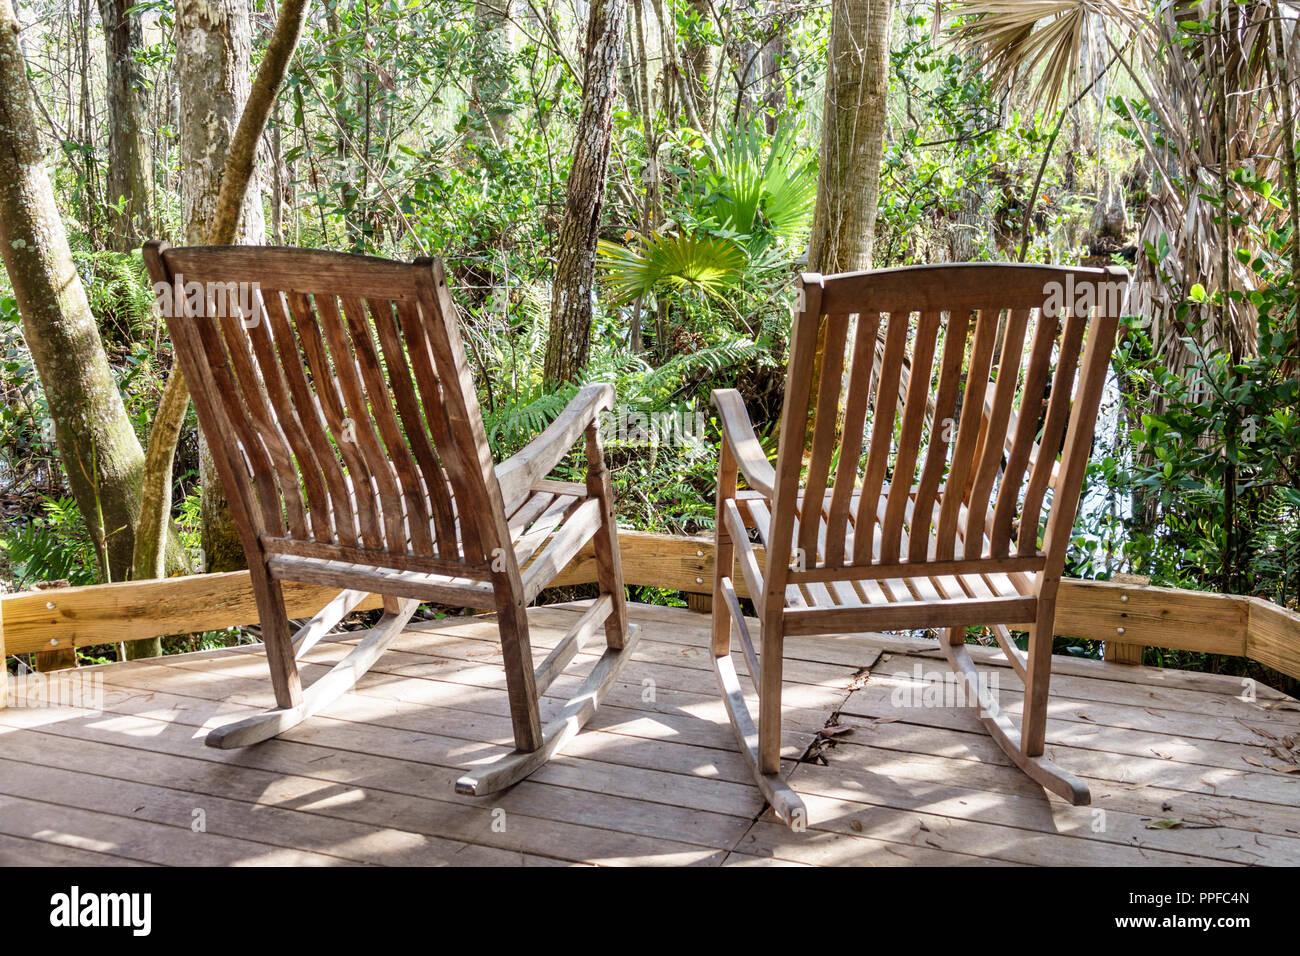 Nature des eaux herbeuses humides préserver chaises fauteuil à bascule de l'écosystème Photo Stock